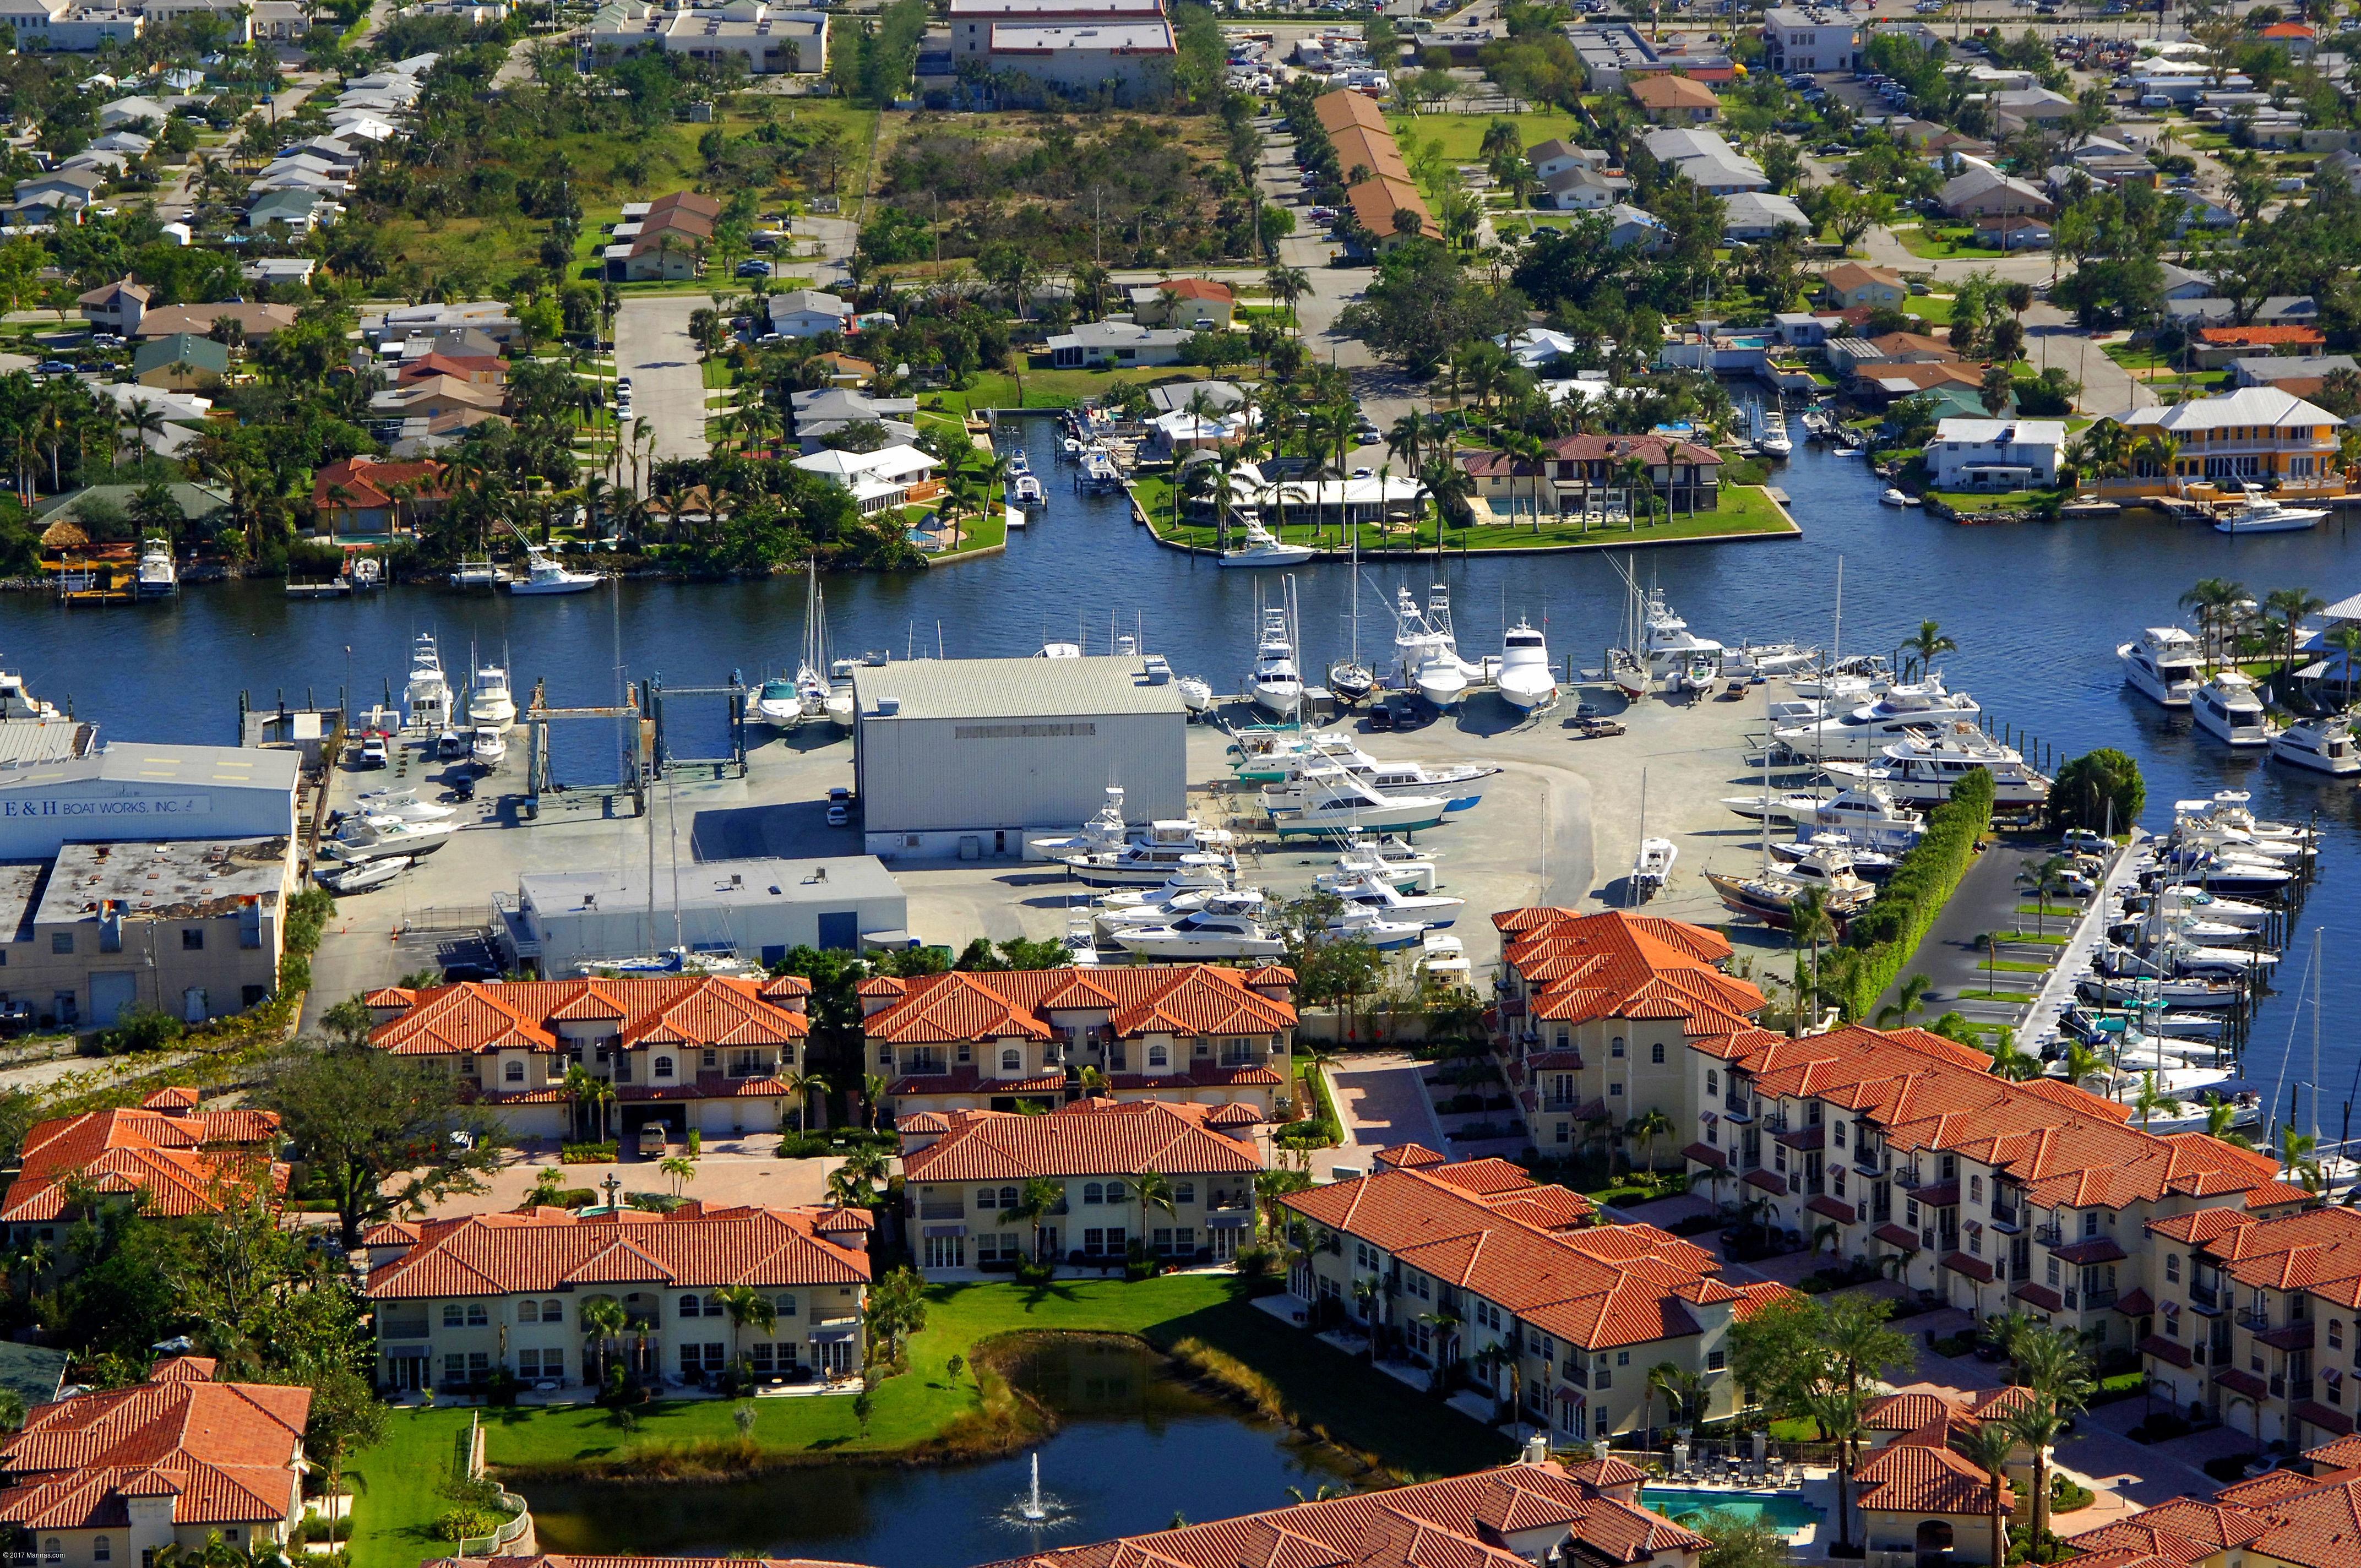 Seminole marine in palm beach gardens fl united states - Palm beach gardens weather forecast ...